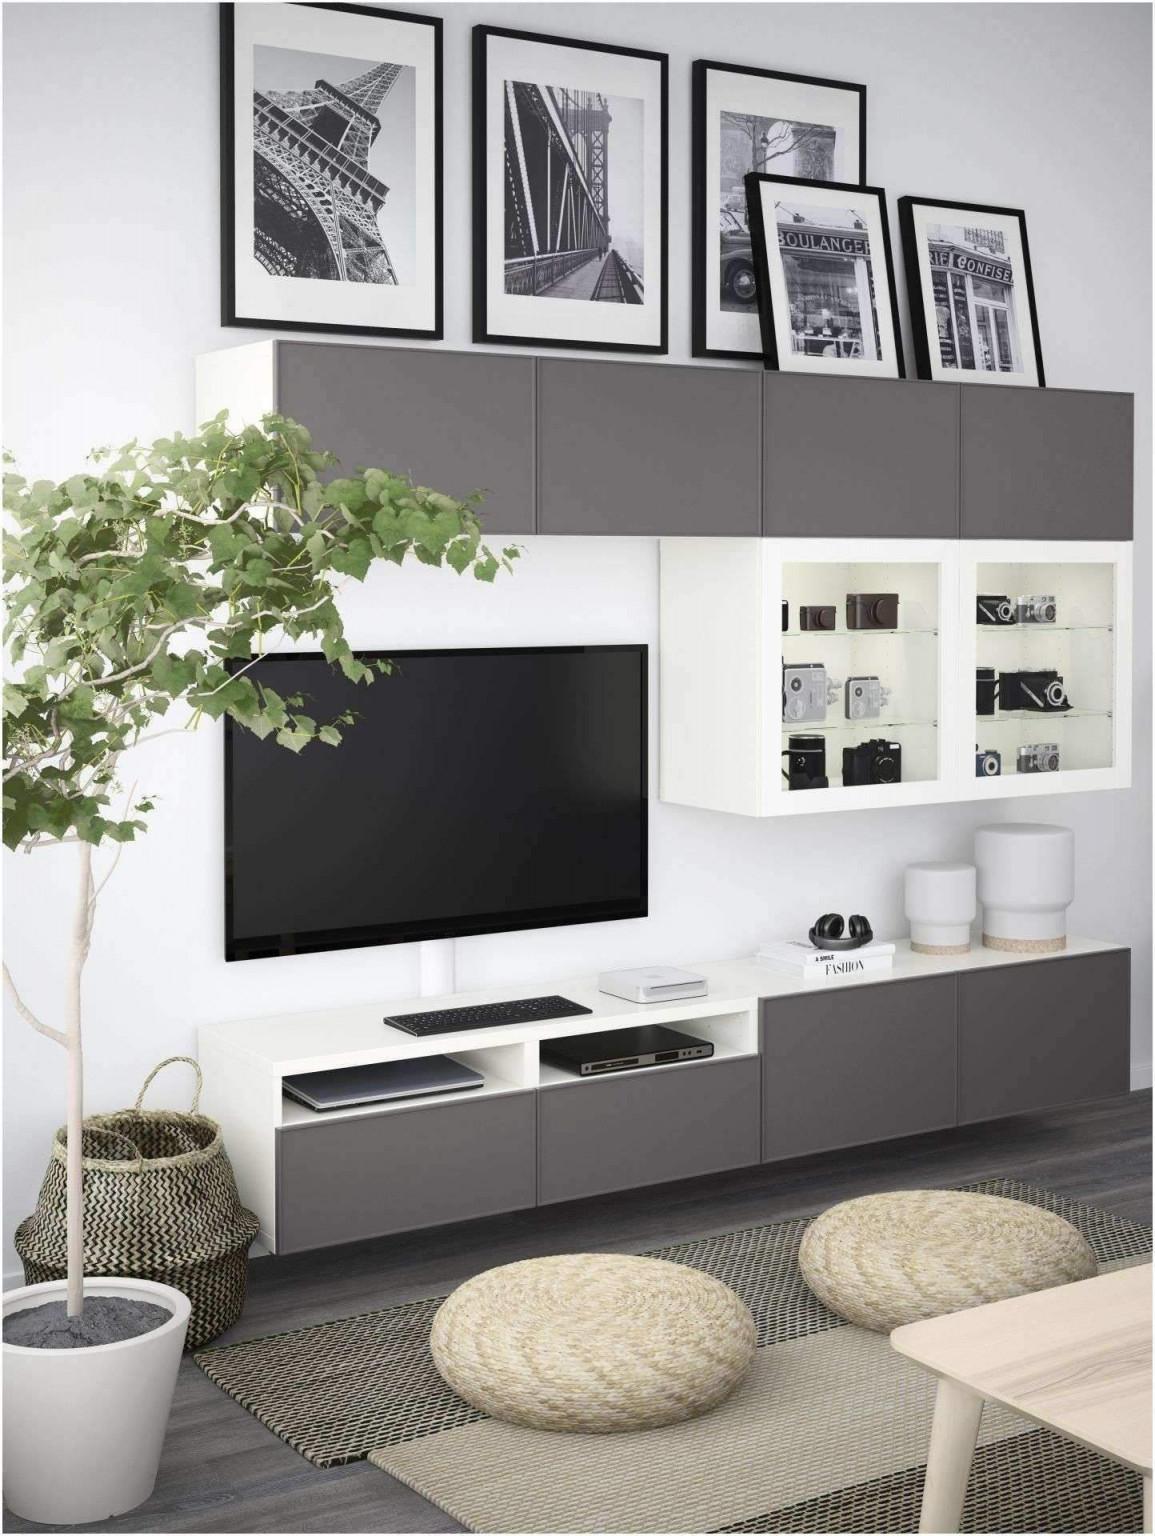 35 Genial Kleines Wohnzimmer Einrichten Ikea Luxus von Bilder Einrichtung Wohnzimmer Photo